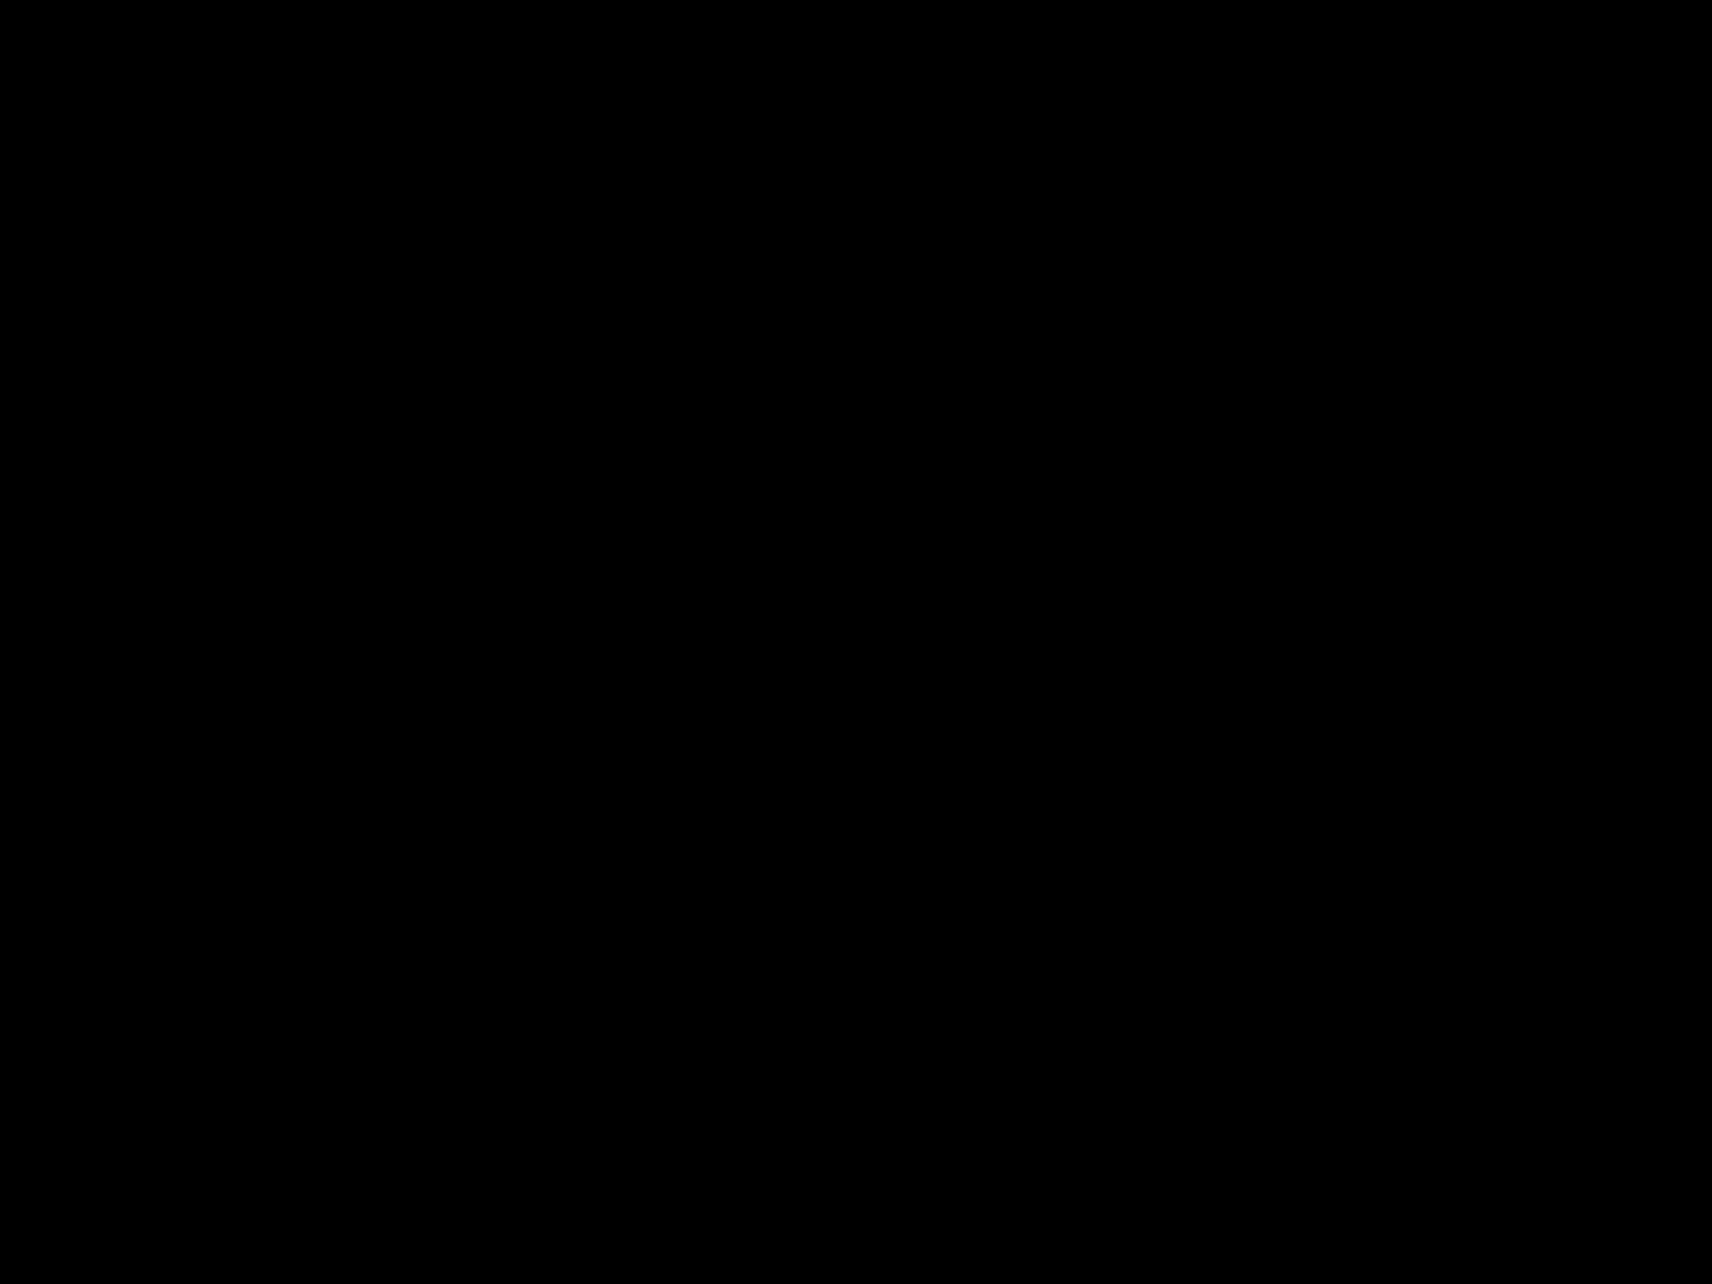 10126_07.jpg